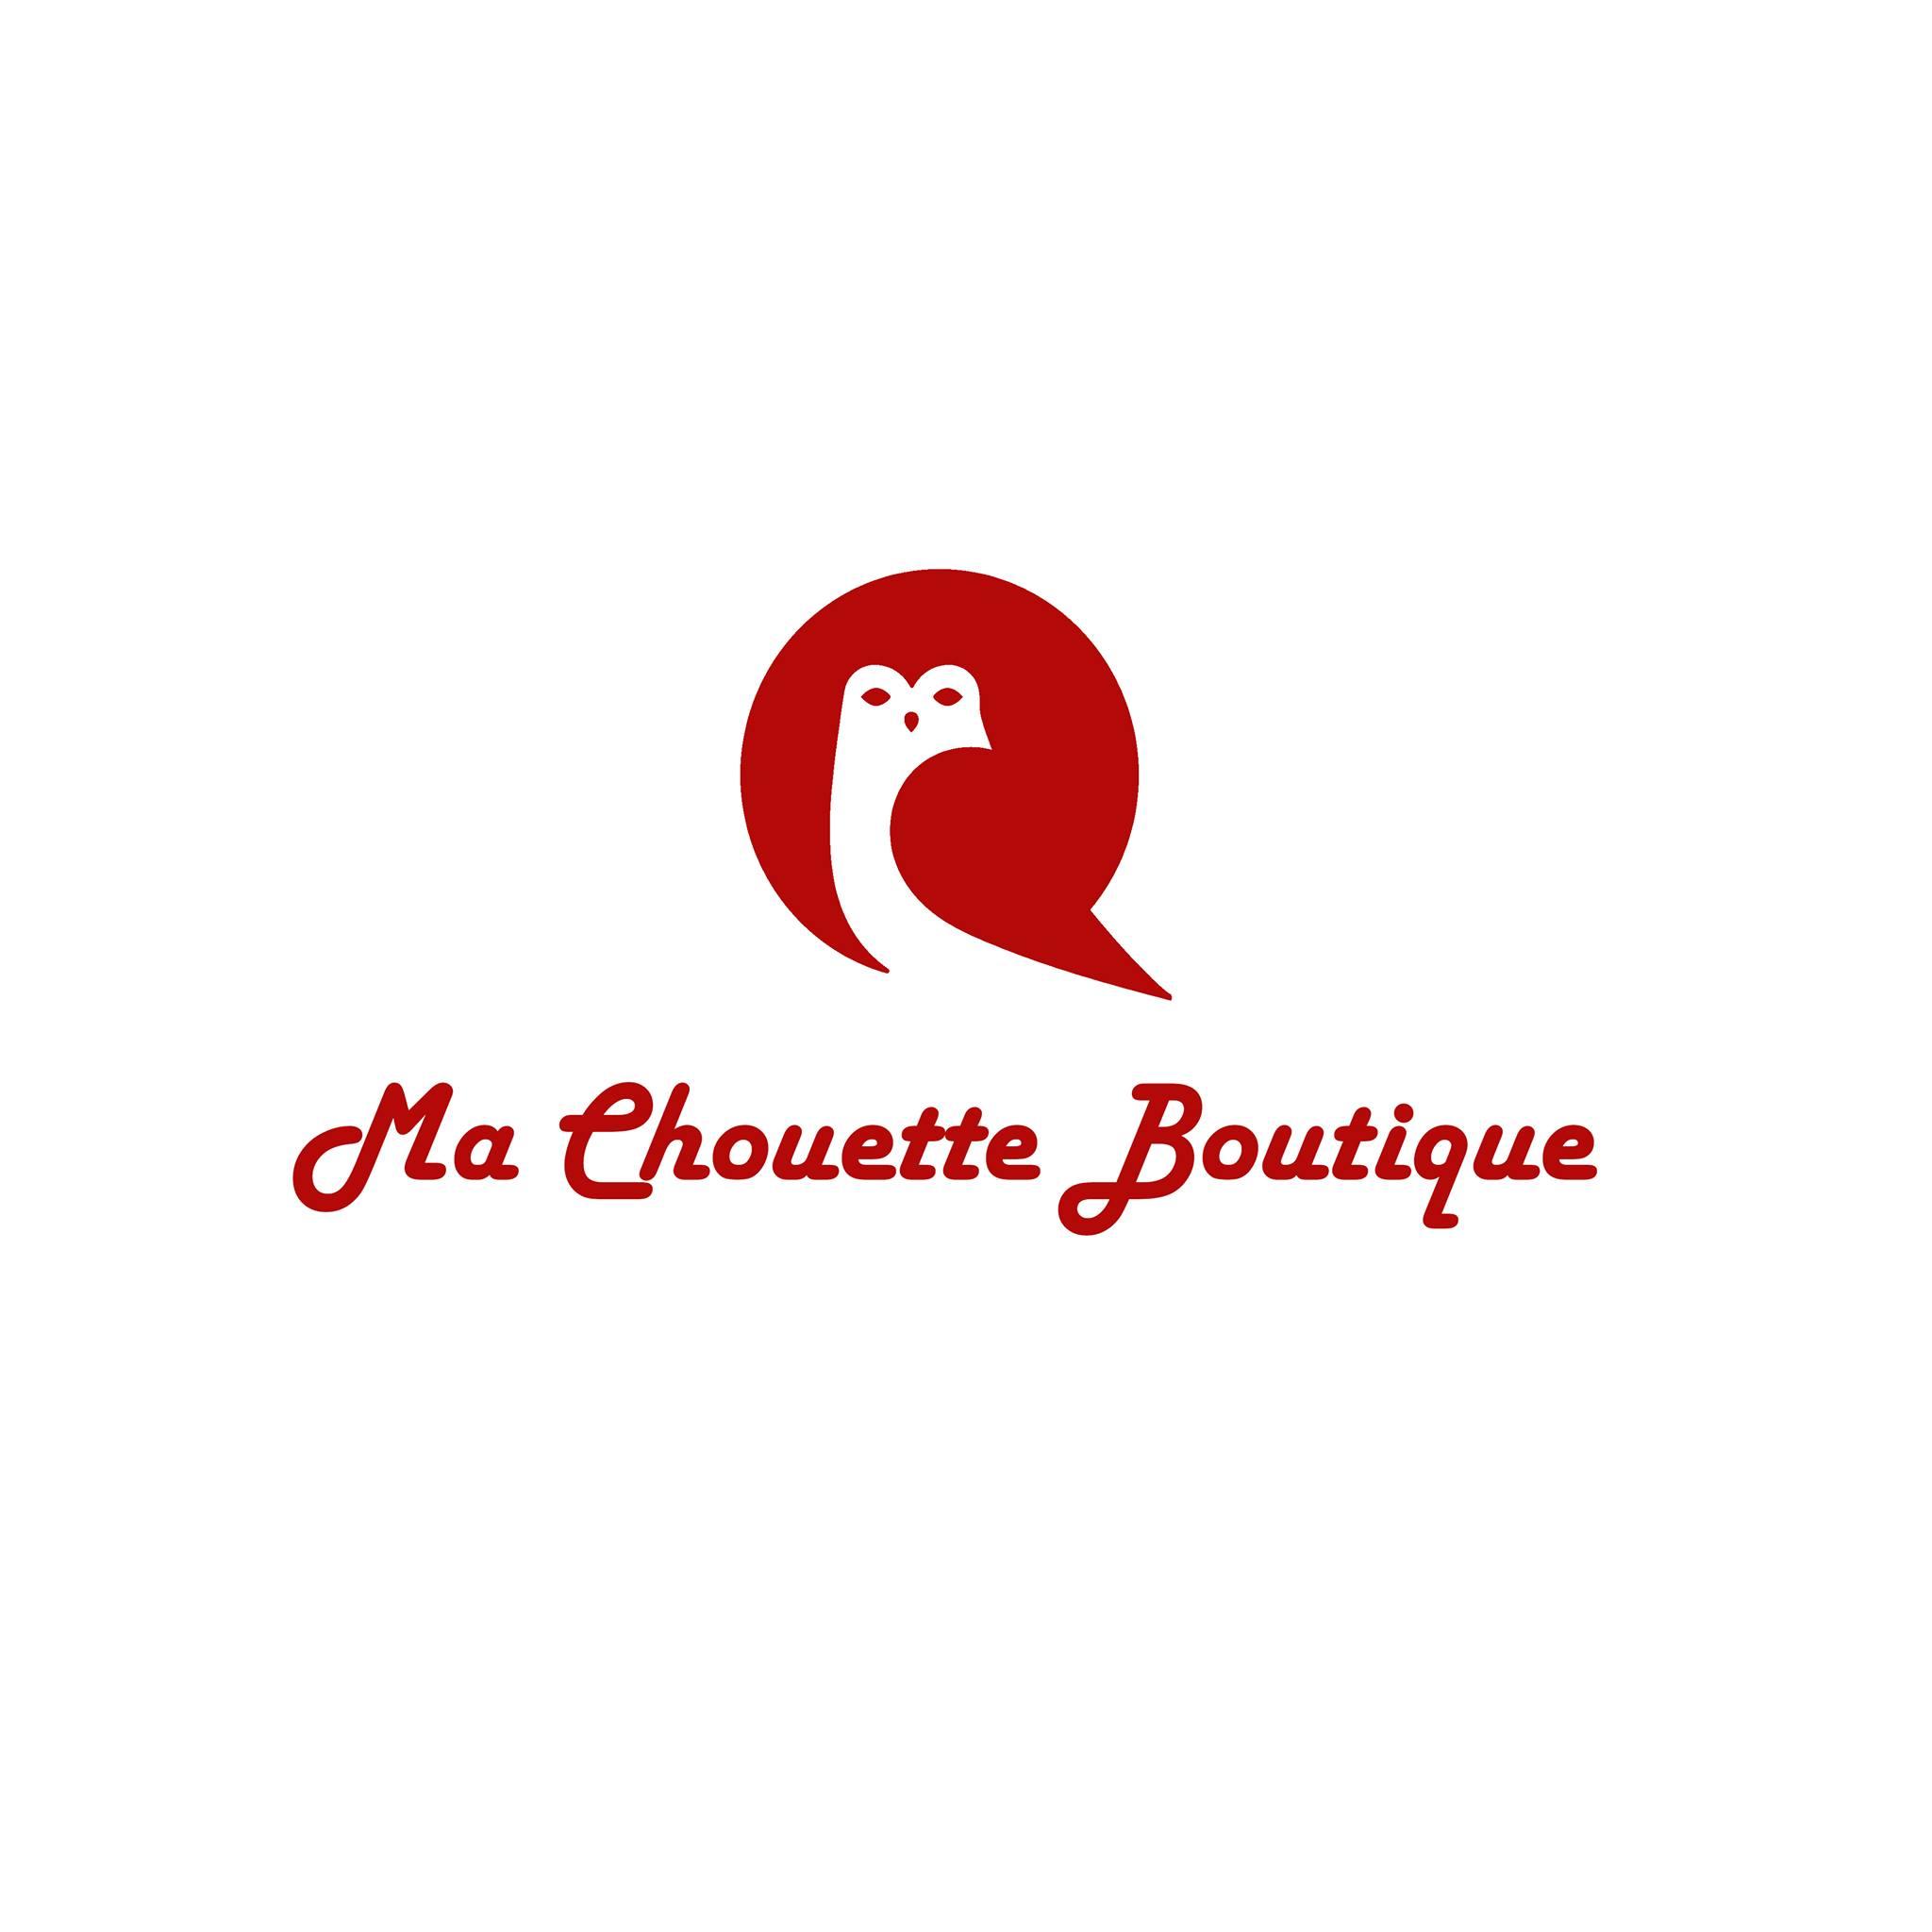 LinoLino | Linogravure et créations à partir d'impressions artisanales | Chambéry, France | Ma Chouette Boutique galerie artisanat annecy